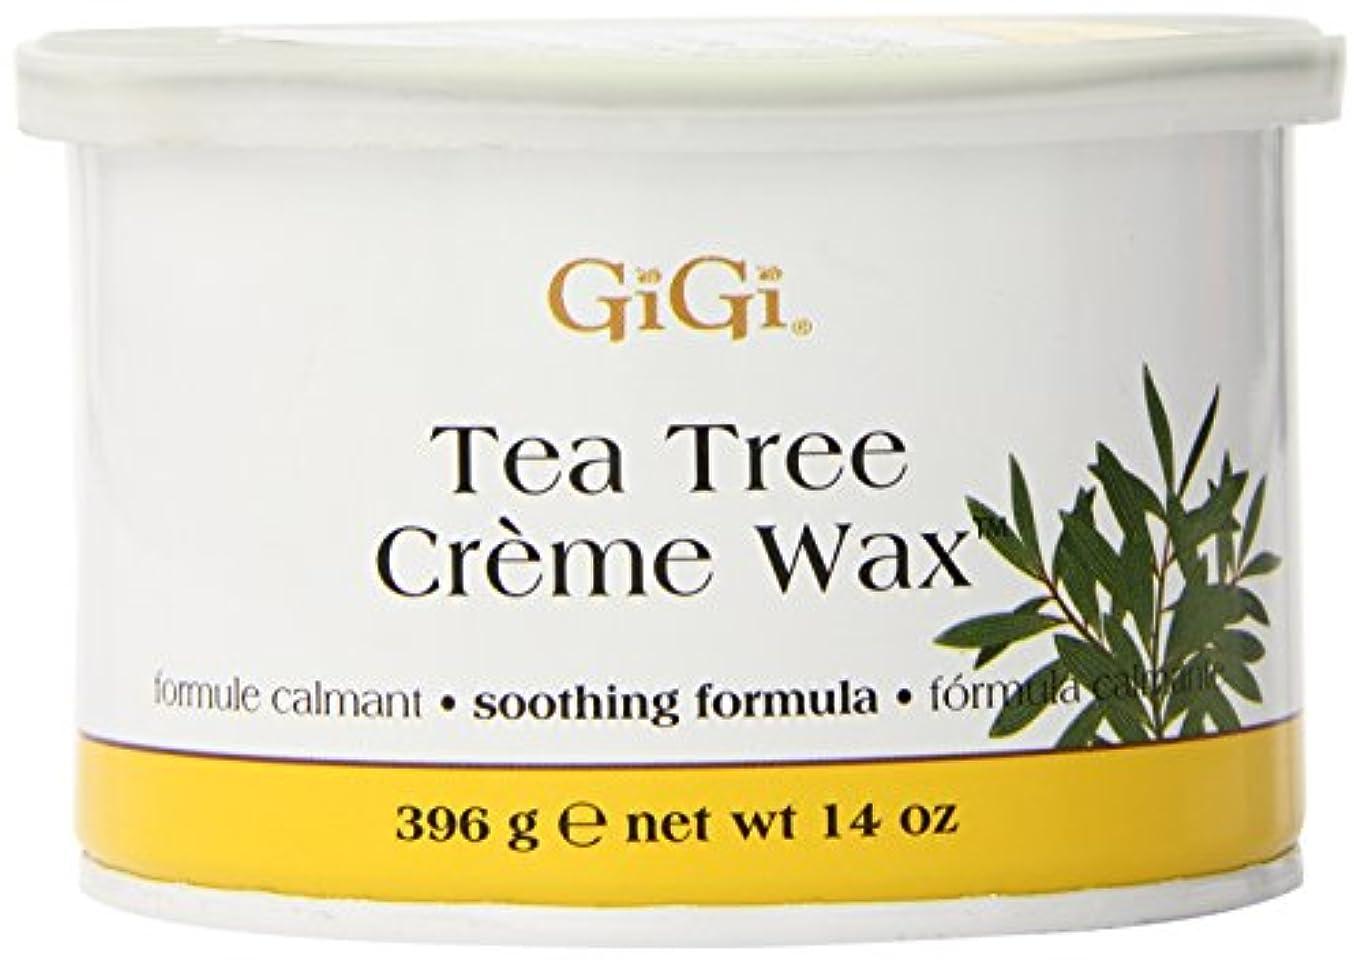 バスト準備フロンティアGiGi Tea Tree Cream Wax A Soothing Hair Removal Formula 396g